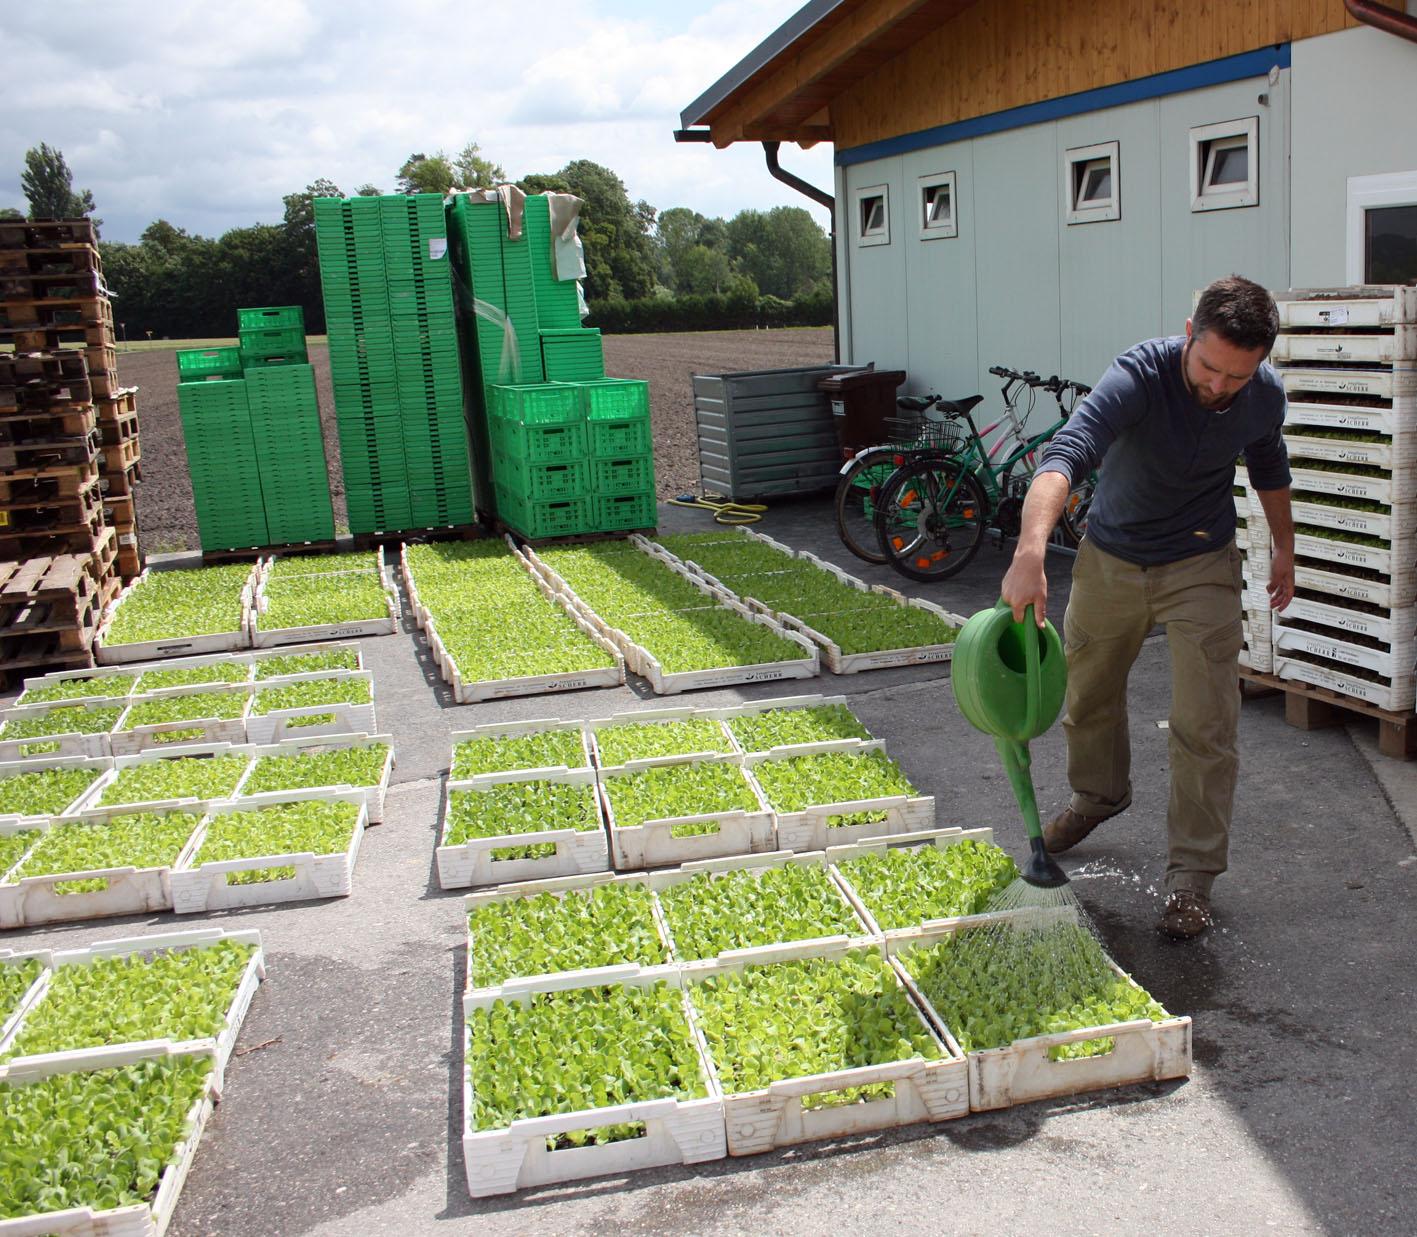 Angießen von jungen Salatpflanzen mit Bodenhilfsstoffen